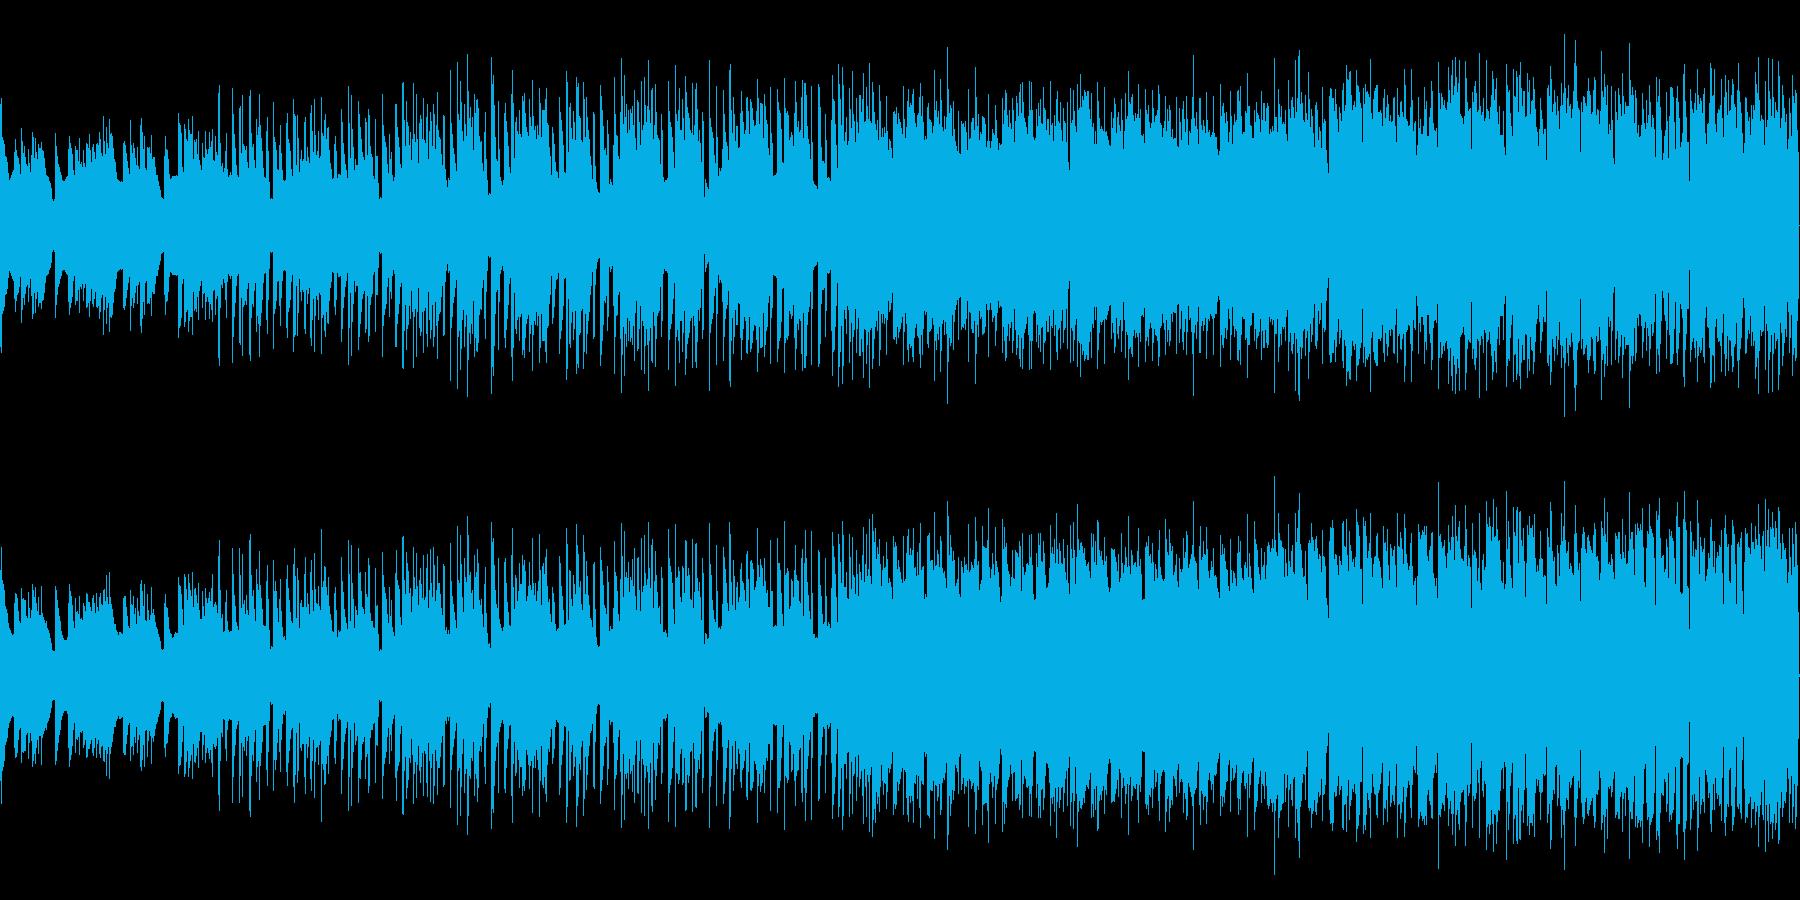 ゲームのチュートリアル的BGM(ループ)の再生済みの波形